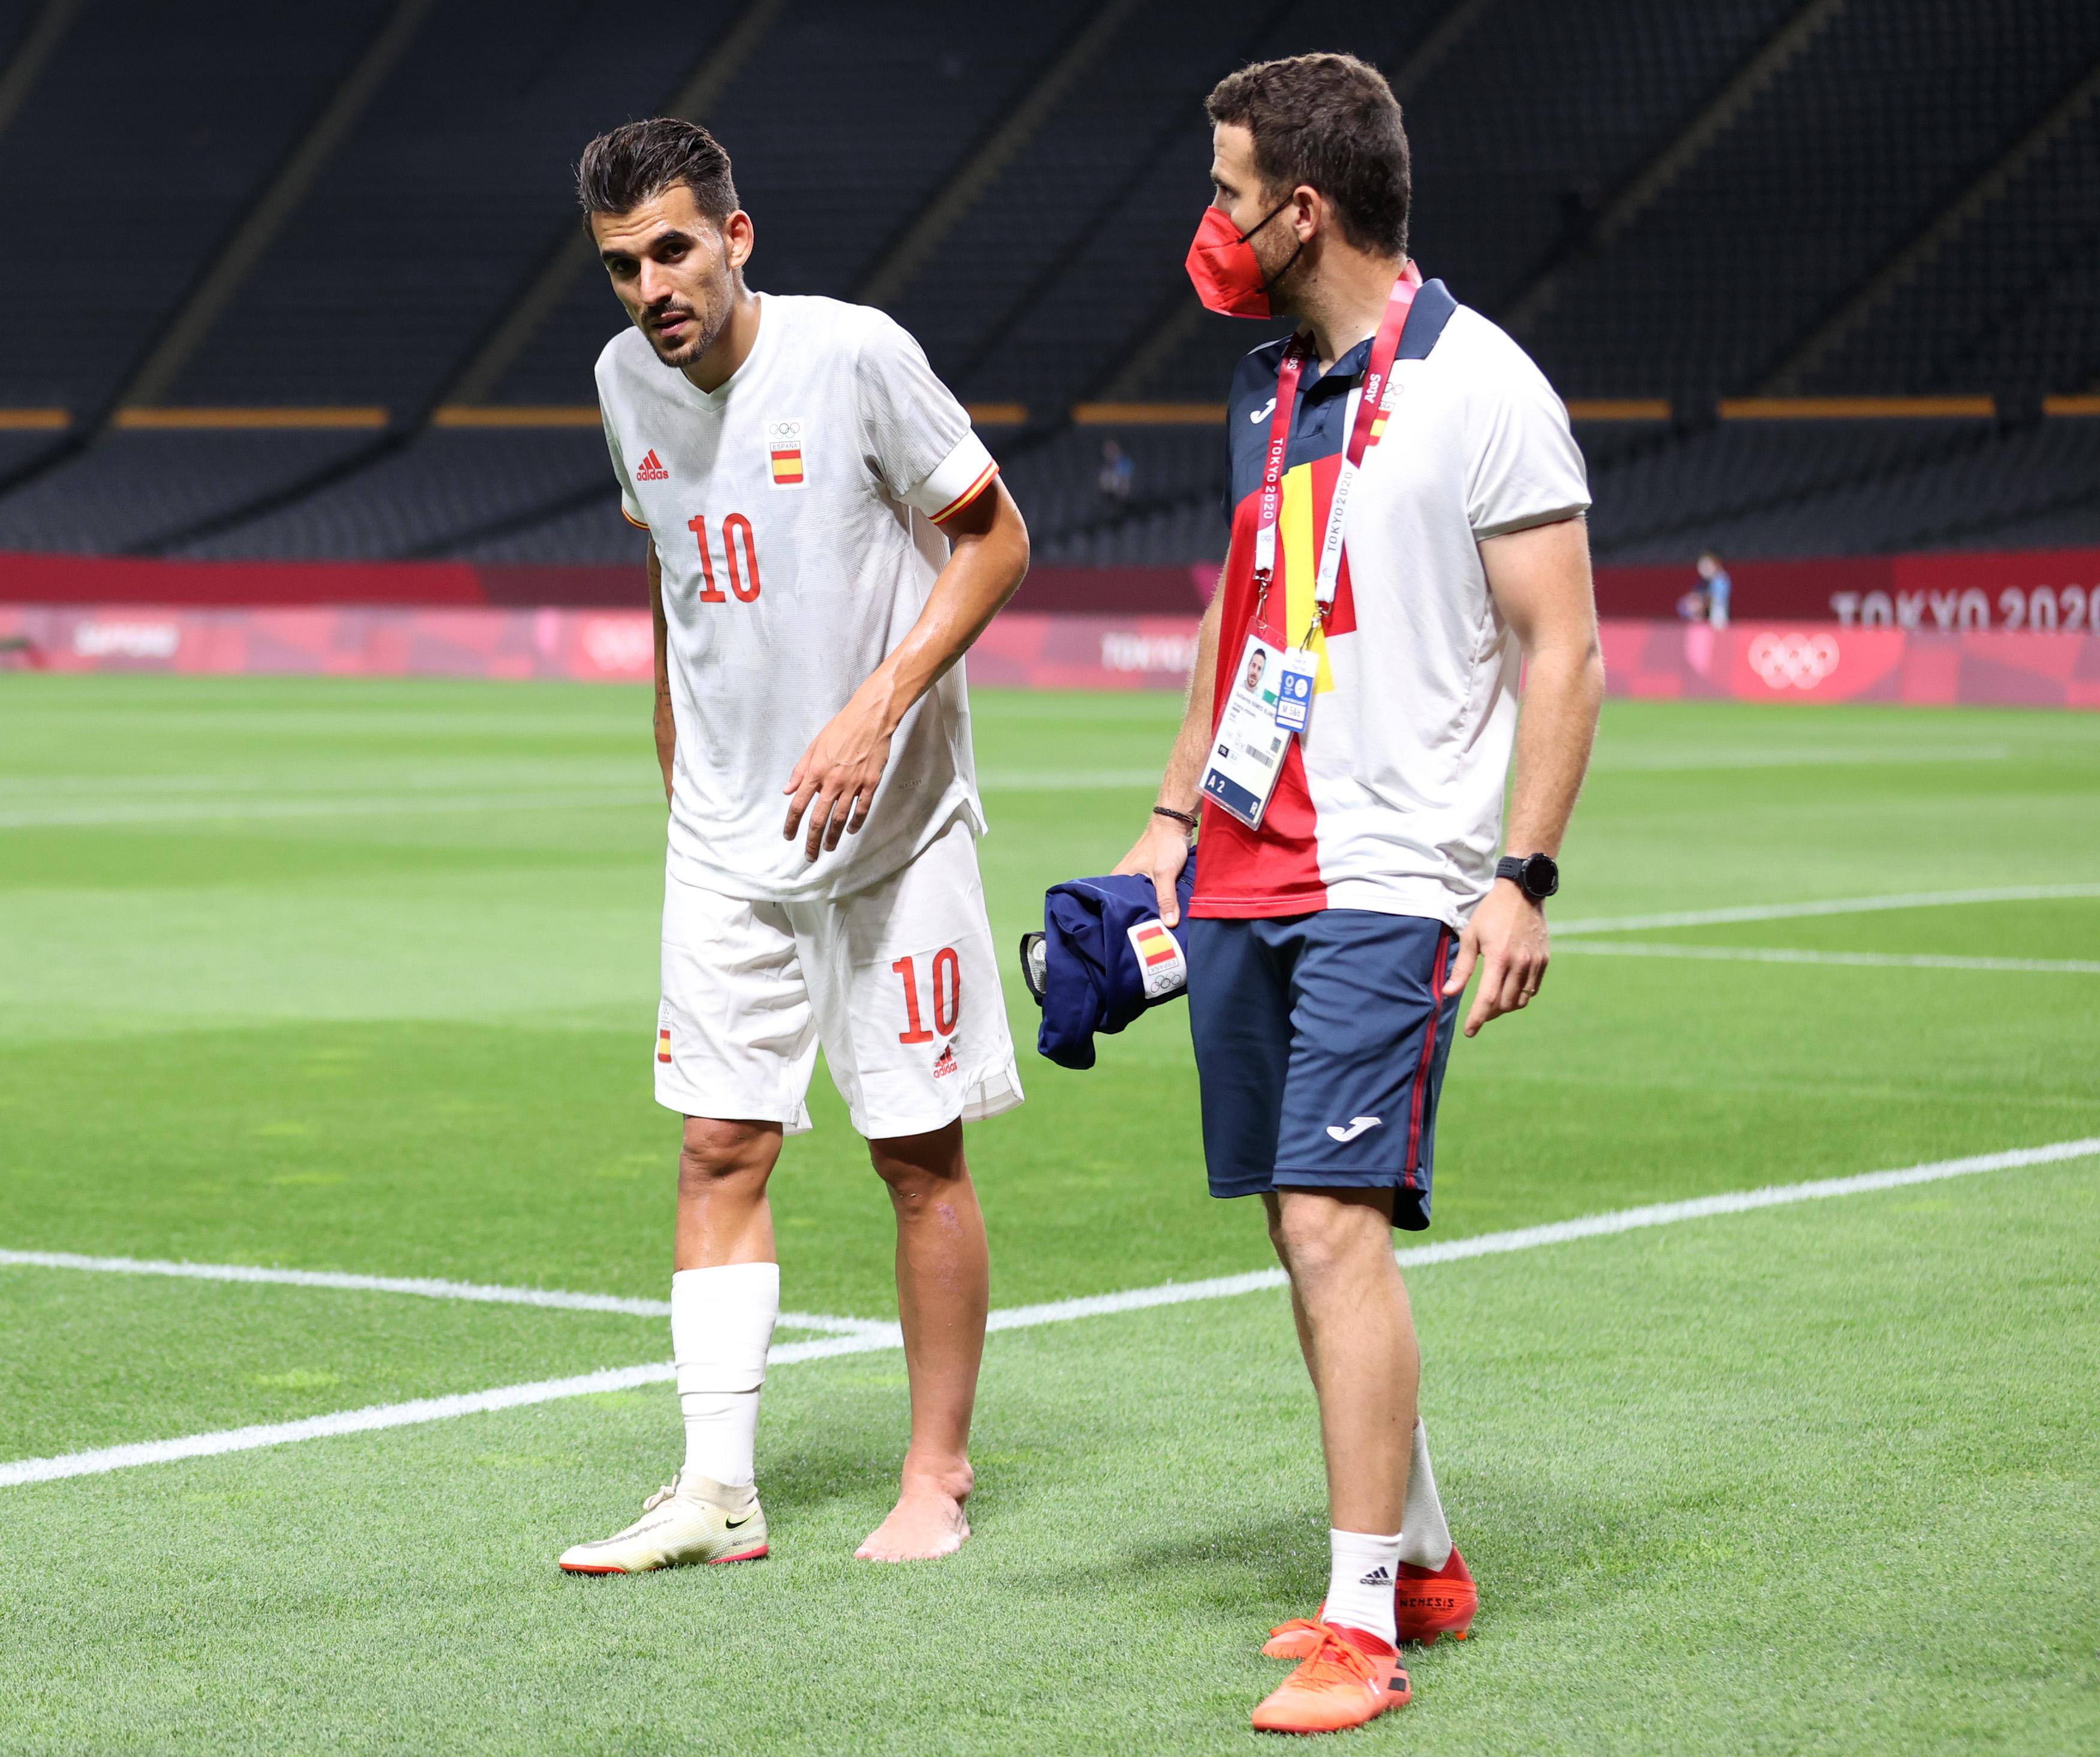 Egypt v Spain: Men's Football - Olympics: Day -1